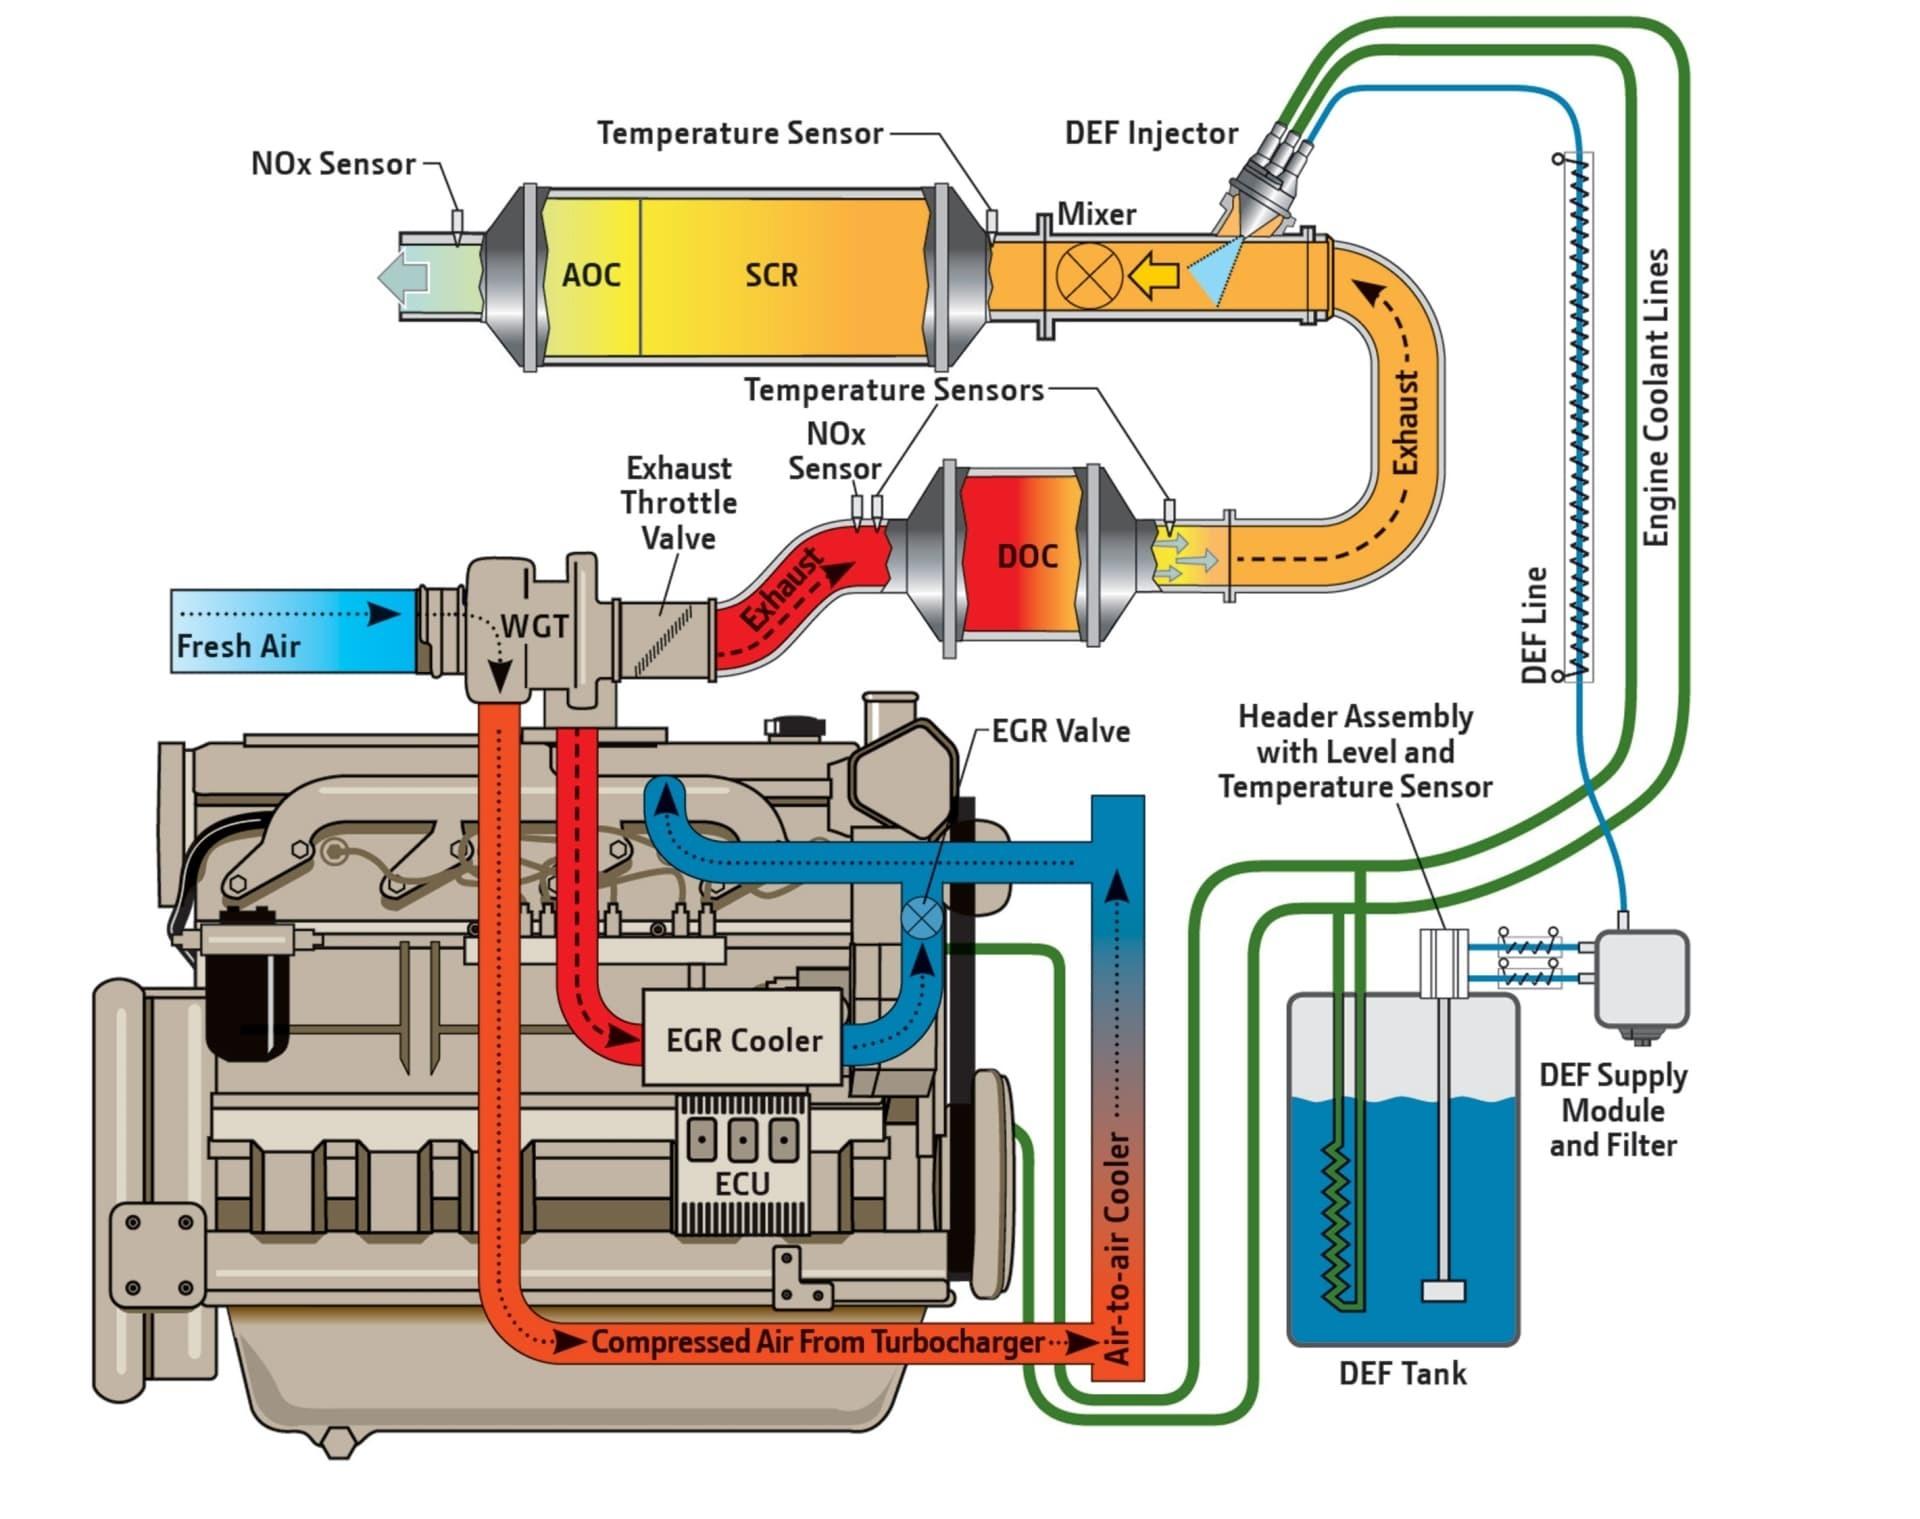 Descarbonizar Diesel Adblue Scr Fap Diagrama